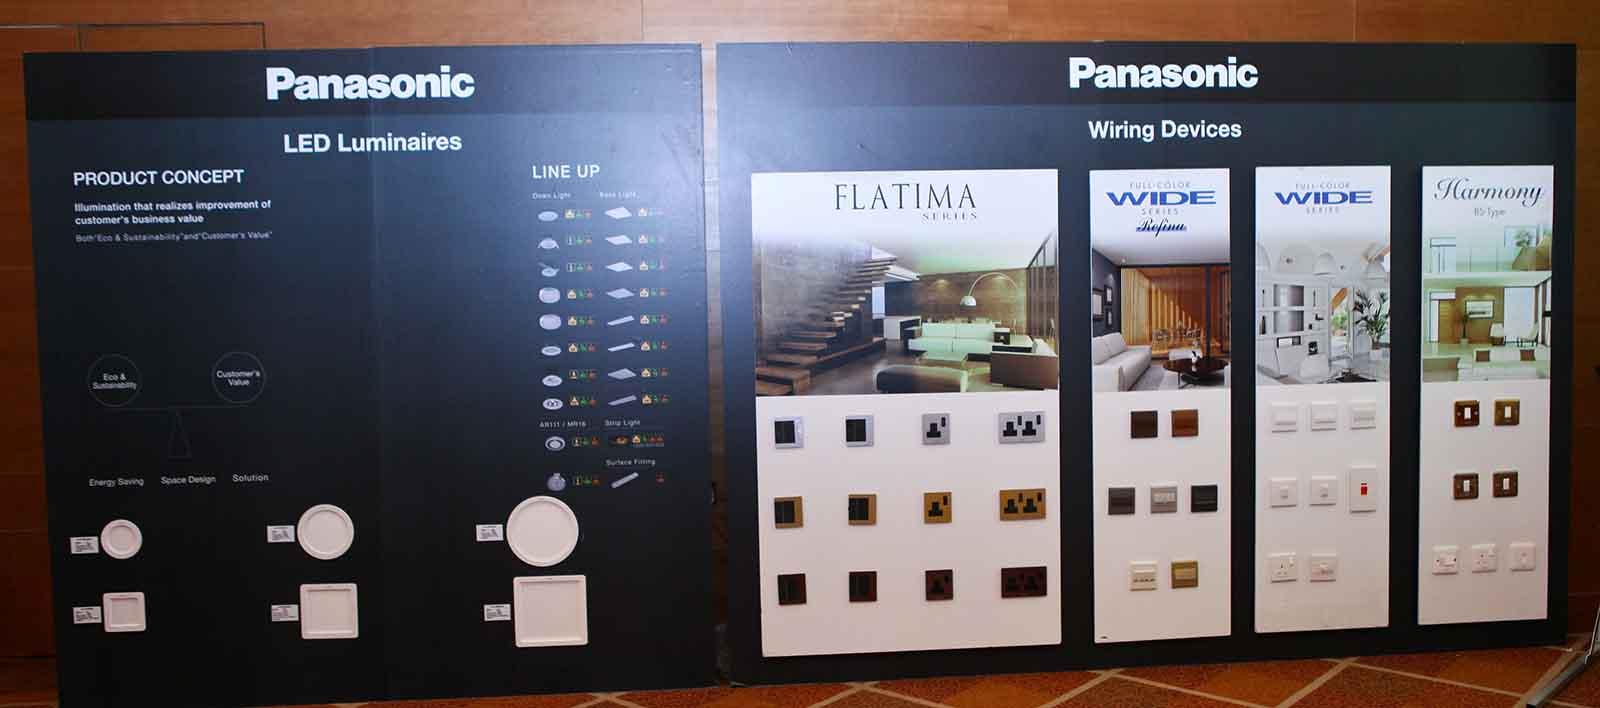 05 DealerMTG UAE Panasonic LED Luminaires And Wiring Devices